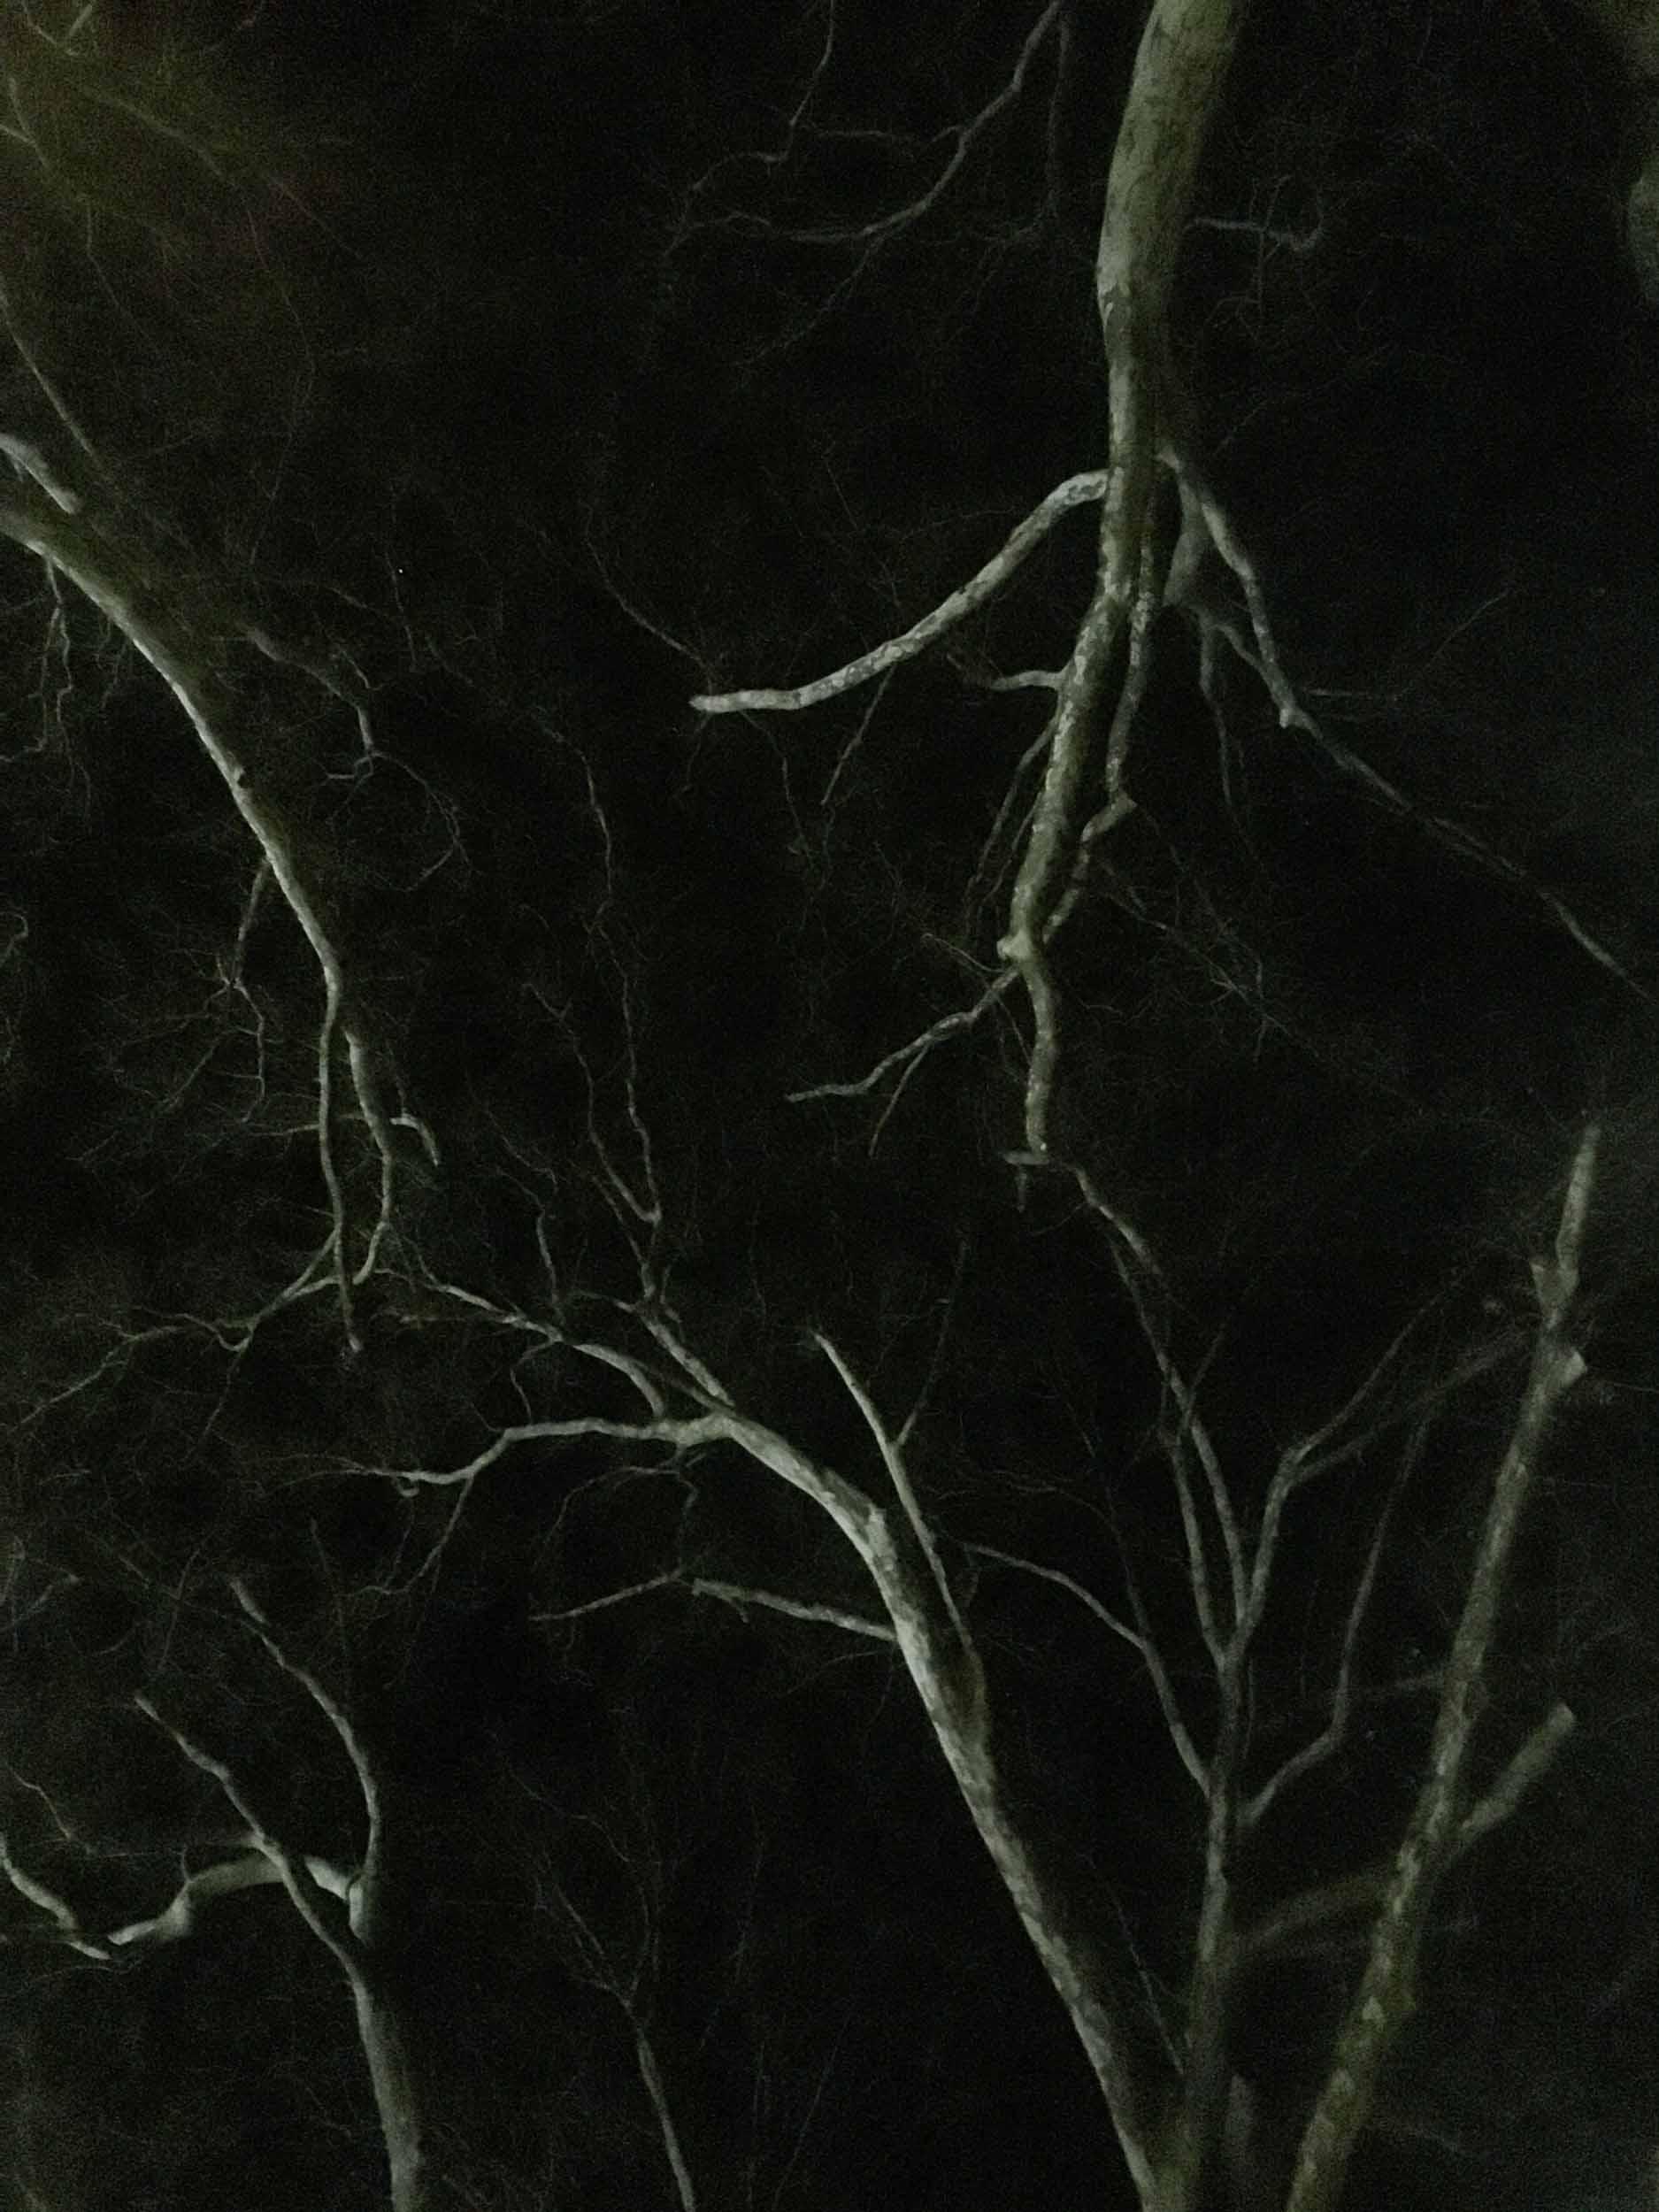 hodosy_invisible-you-honlap-9.jpg